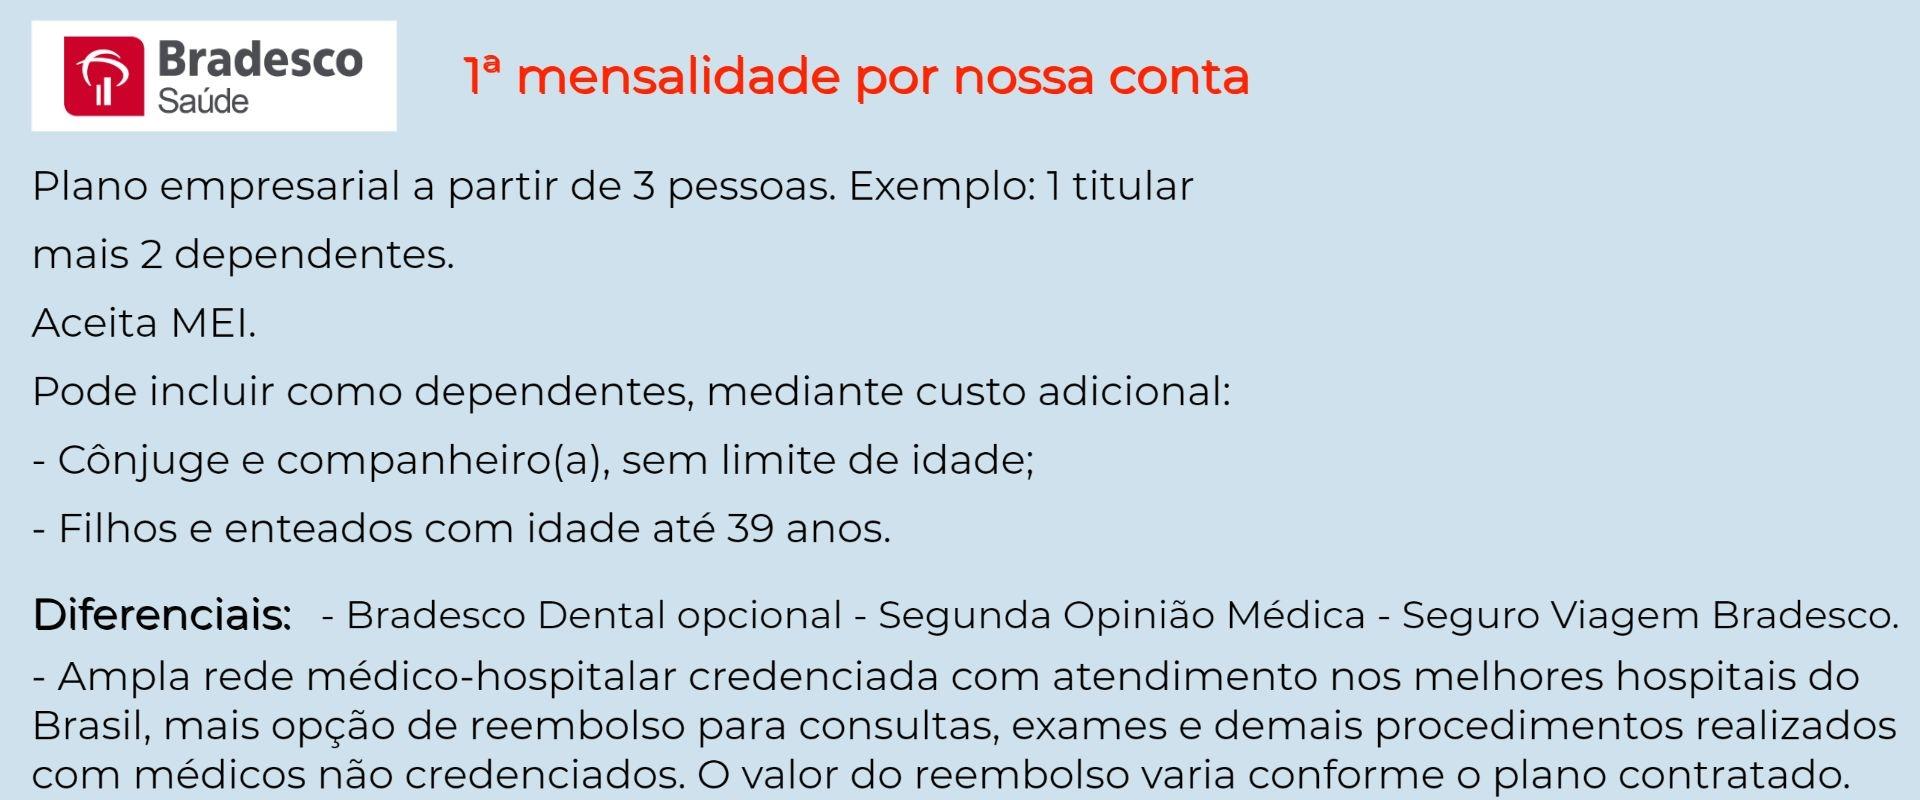 Bradesco Saúde Empresarial - Iracemápolis